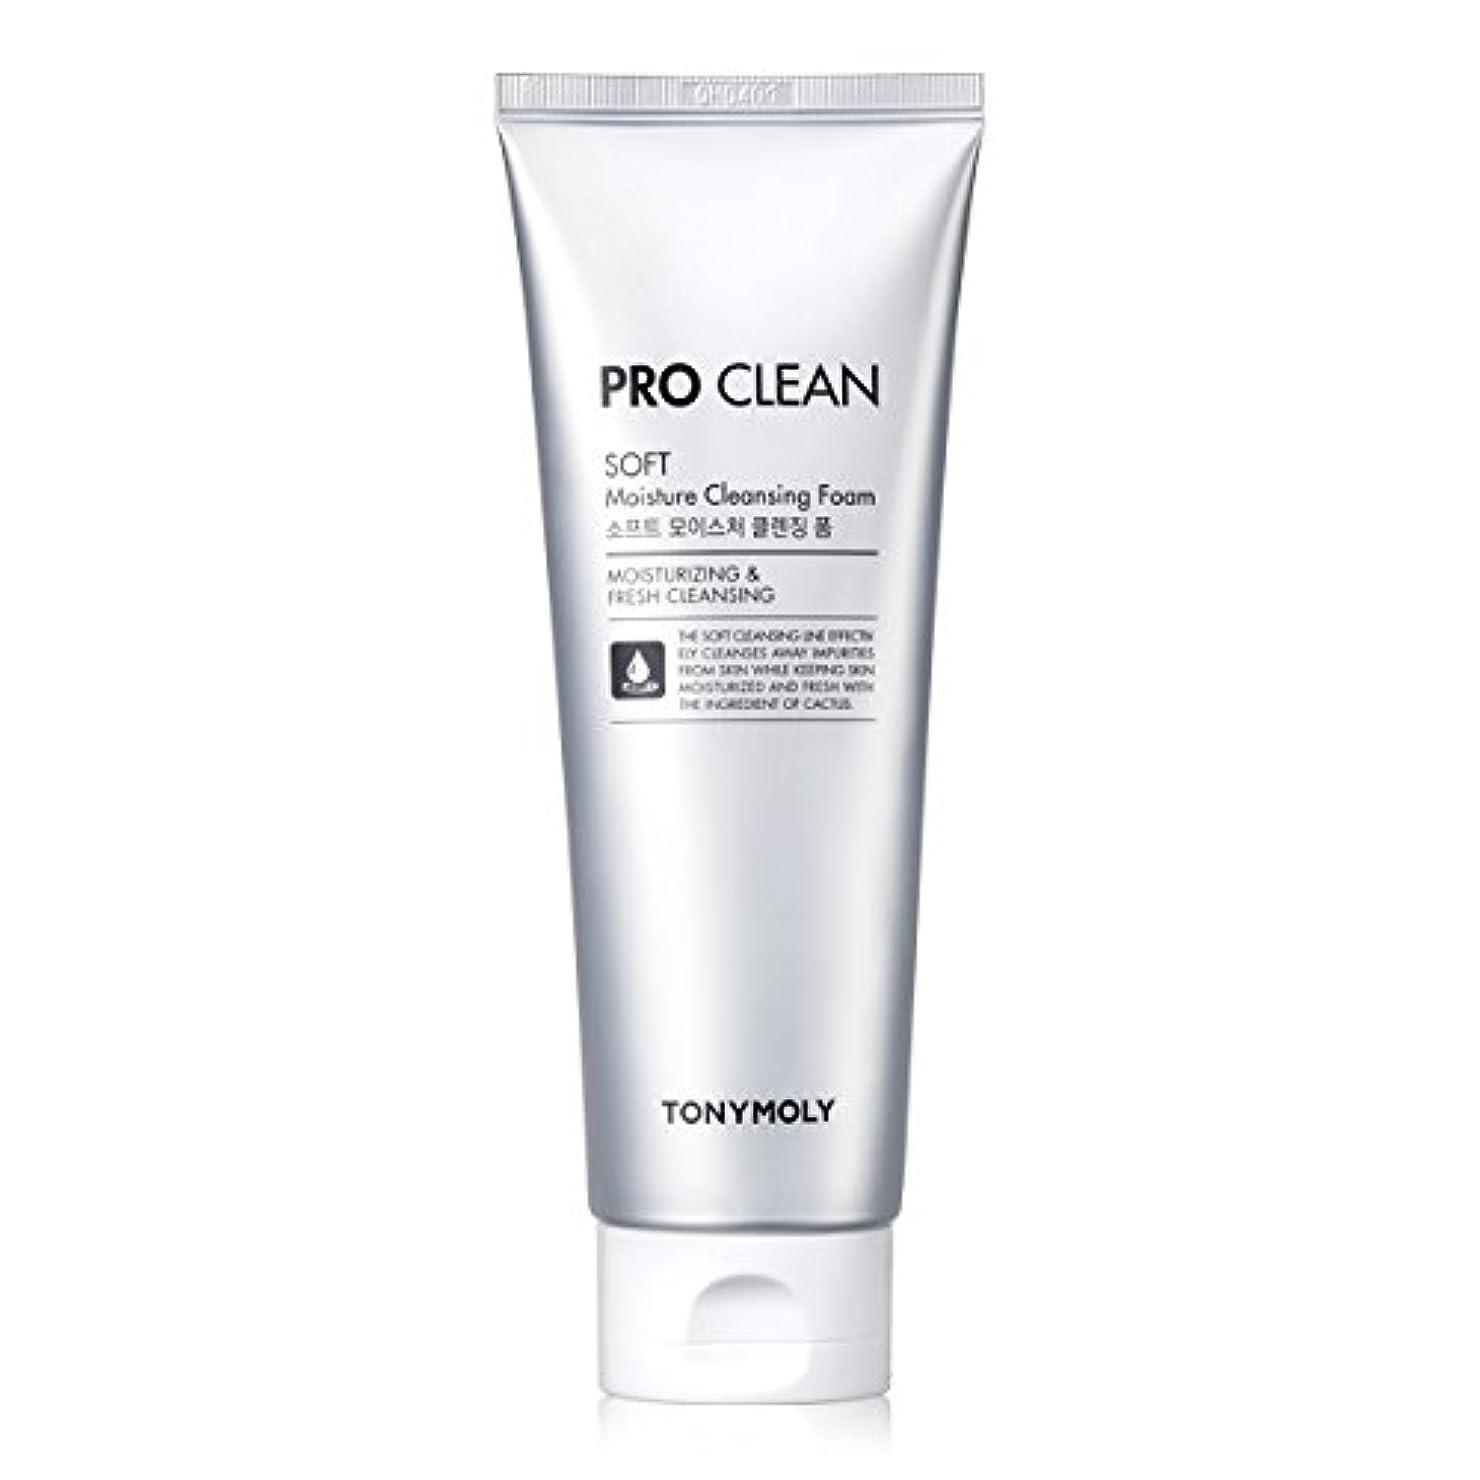 自動車掃く謙虚[New] TONYMOLY Pro Clean Soft Moisture Cleansing Foam 150ml/トニーモリー プロ クリーン ソフト モイスチャー クレンジングフォーム 150ml [並行輸入品]